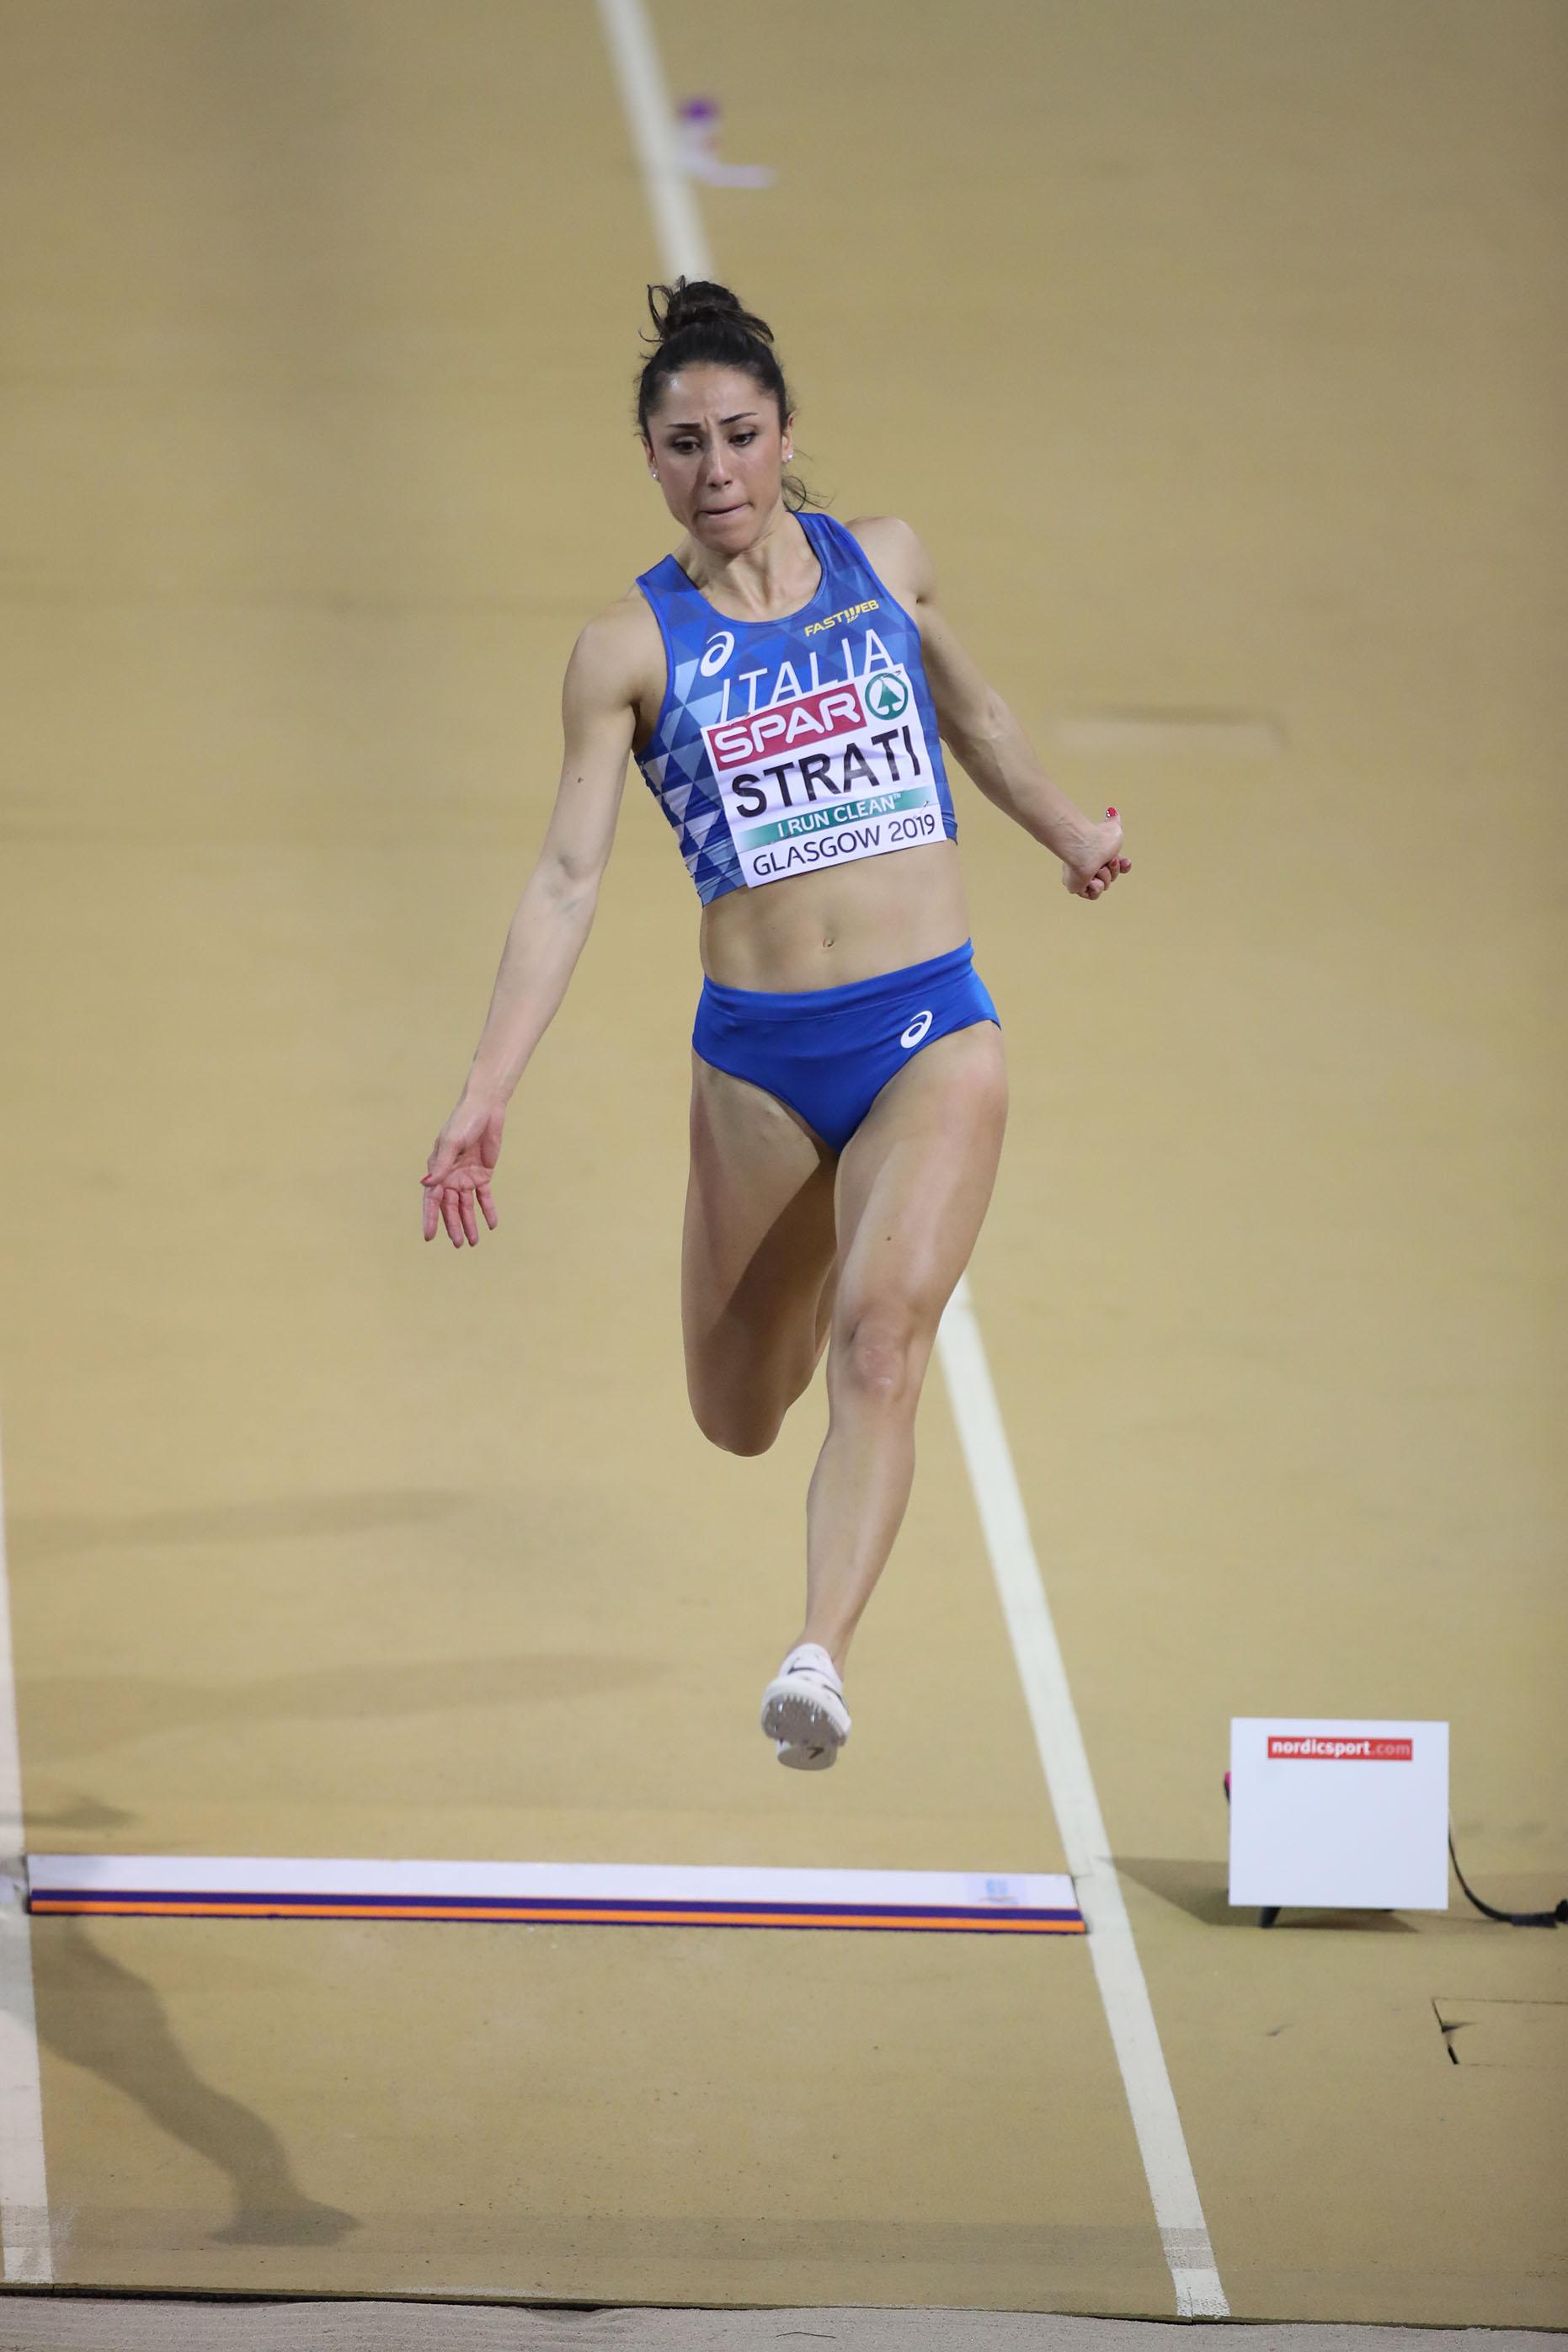 Campionati Europei Indoor Di Glasgow